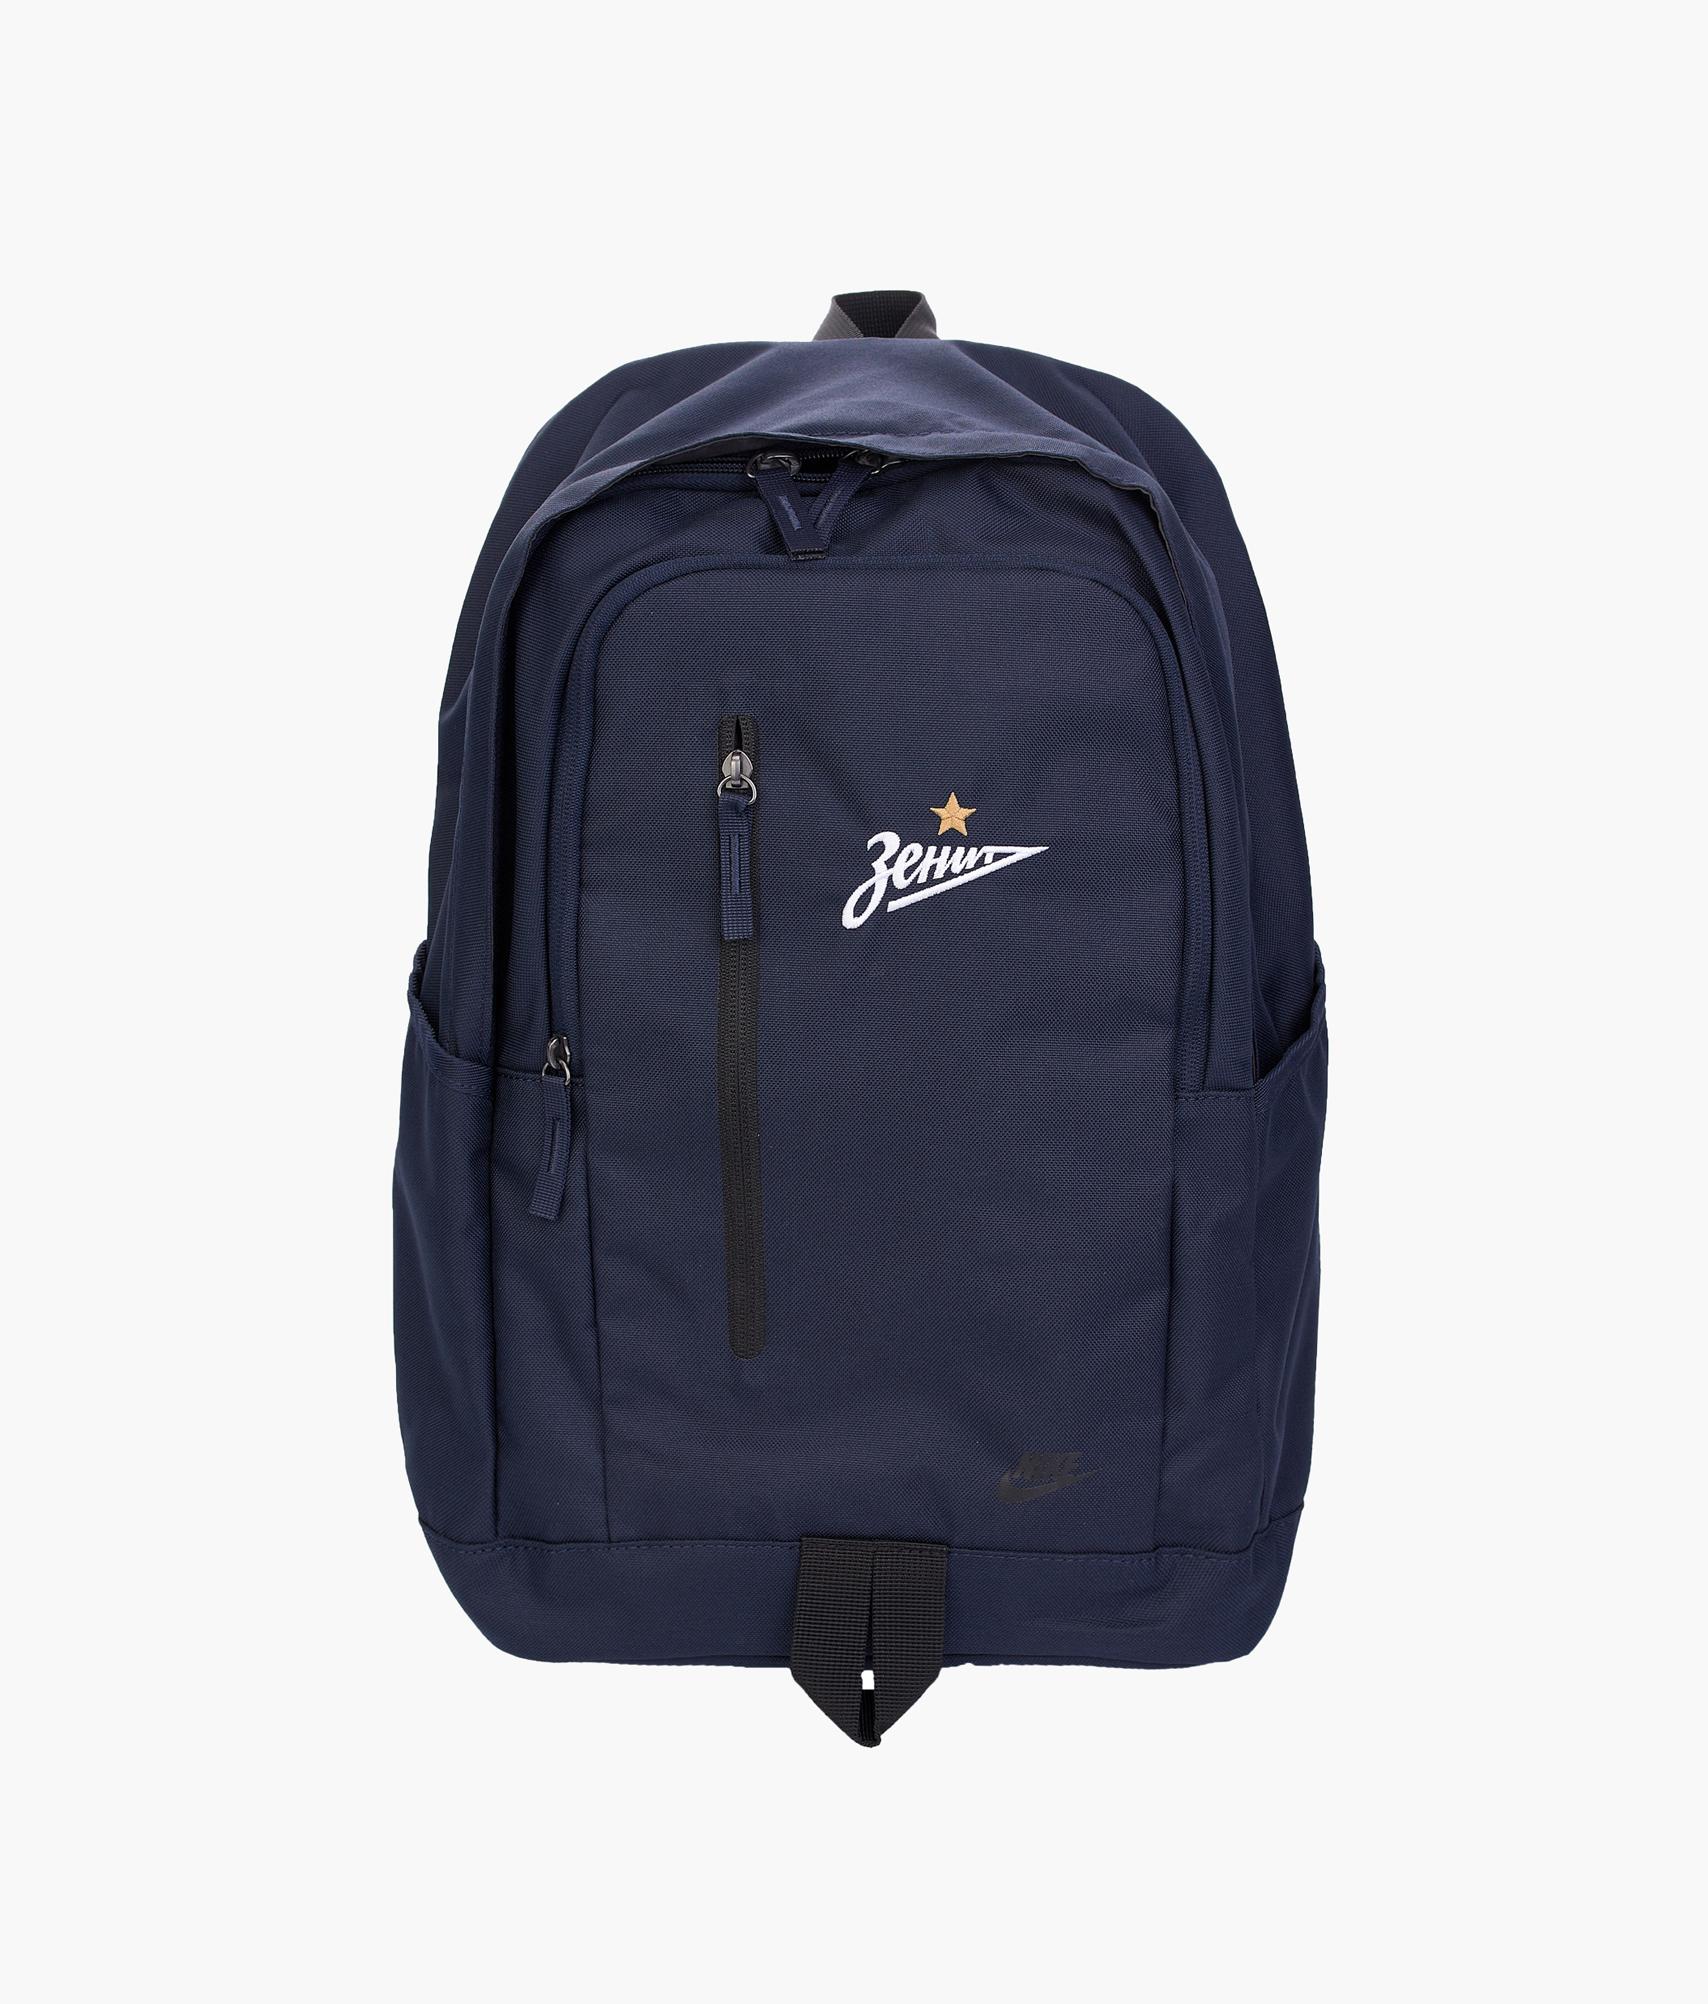 Рюкзак Nike Nike Цвет-Темно-Синий коврик туристический самонадувающийся regatta napa 3 mat цвет темно синий 185 x 55 x 3 см